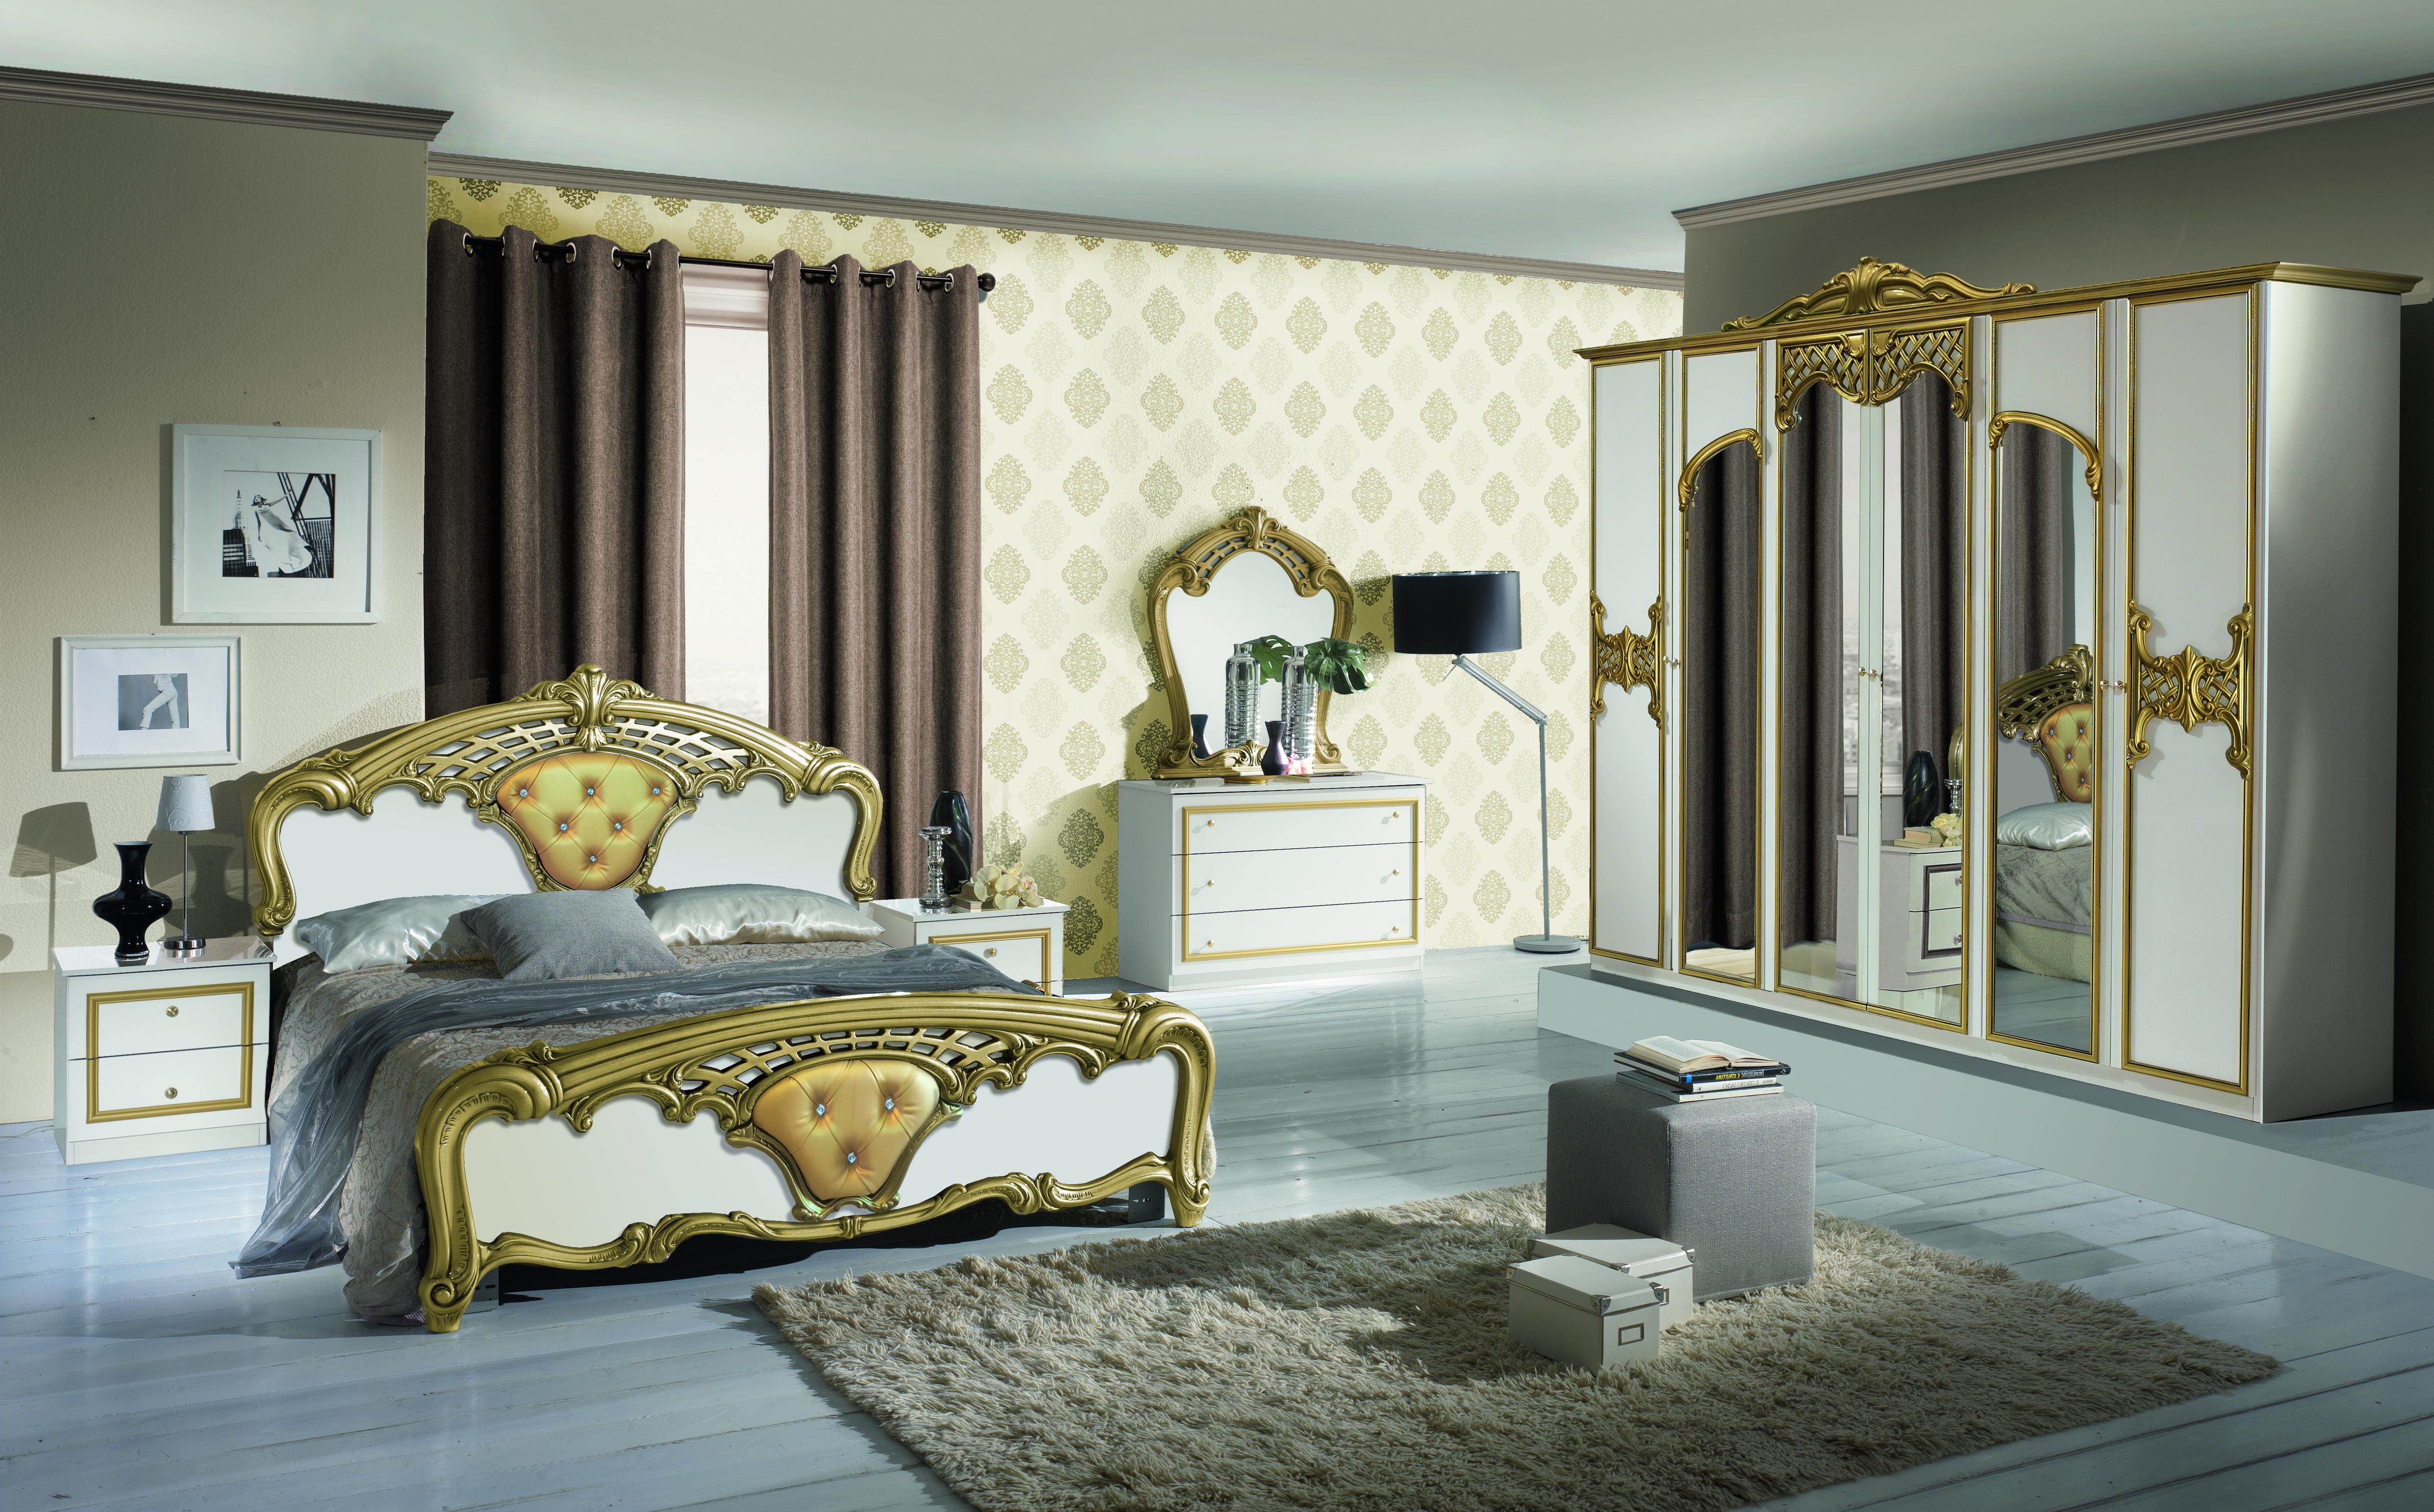 Barock Schlafzimmer Set Elena in Weiss/Gold 4-Teilig